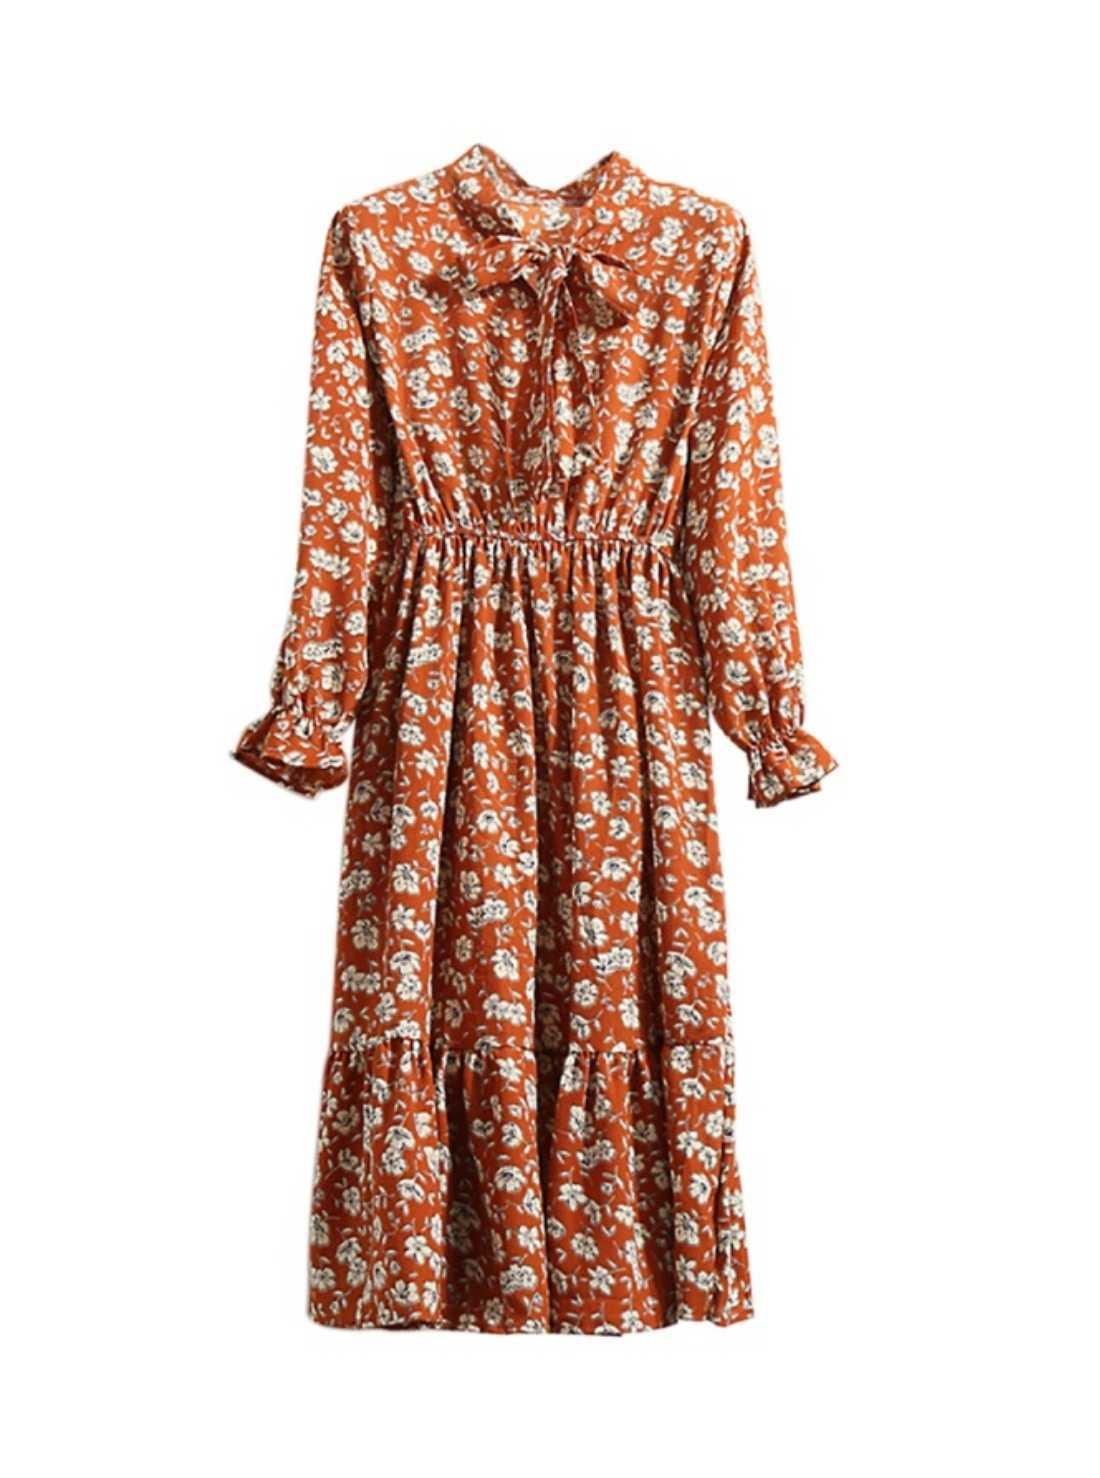 Women's Floral Chiffon Dress